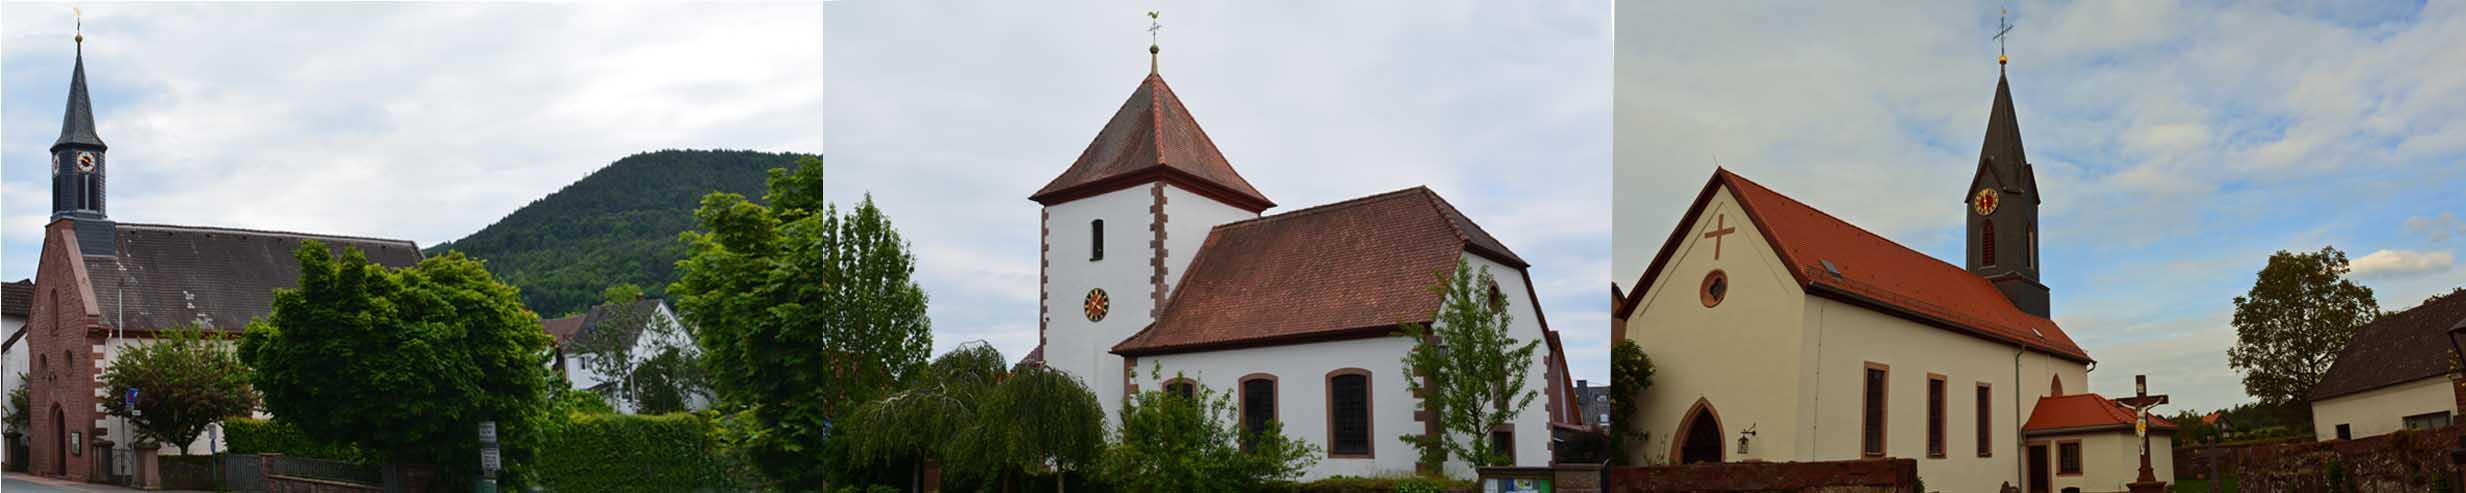 Breitendiel Mainbullau Wenschdorf